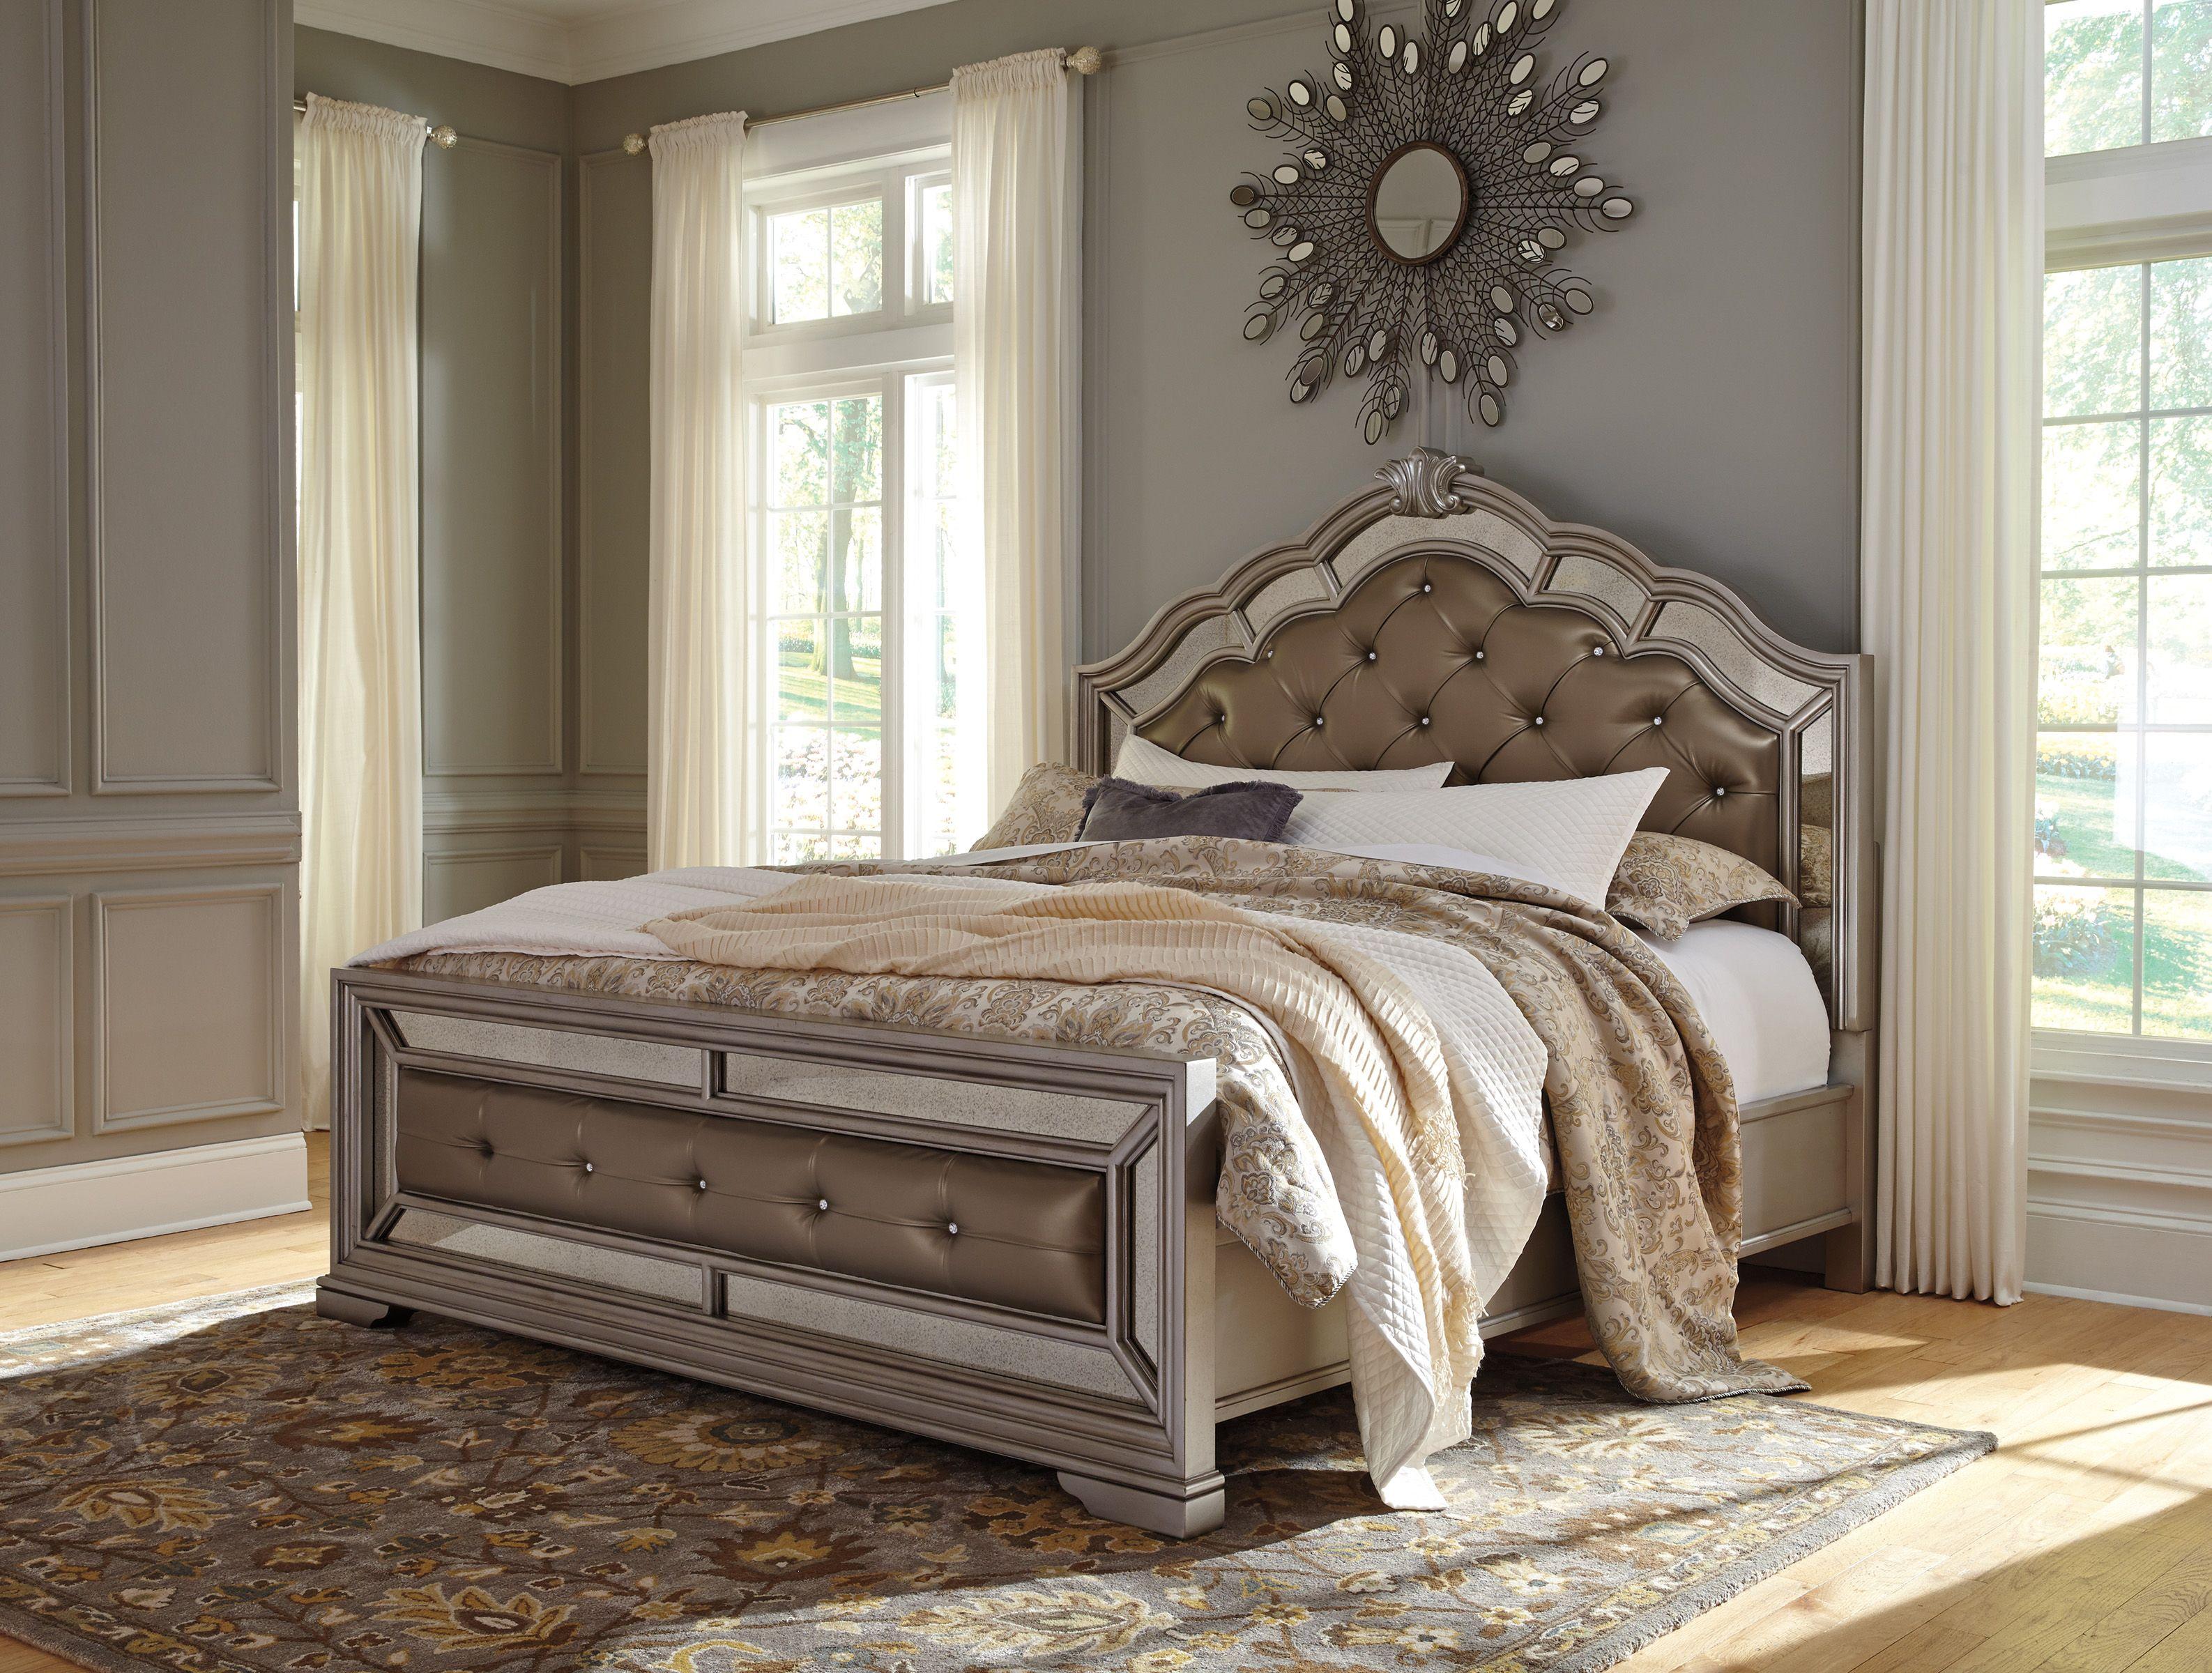 Queen Upholstered Panel Bed  JR Furniture  King upholstered bed